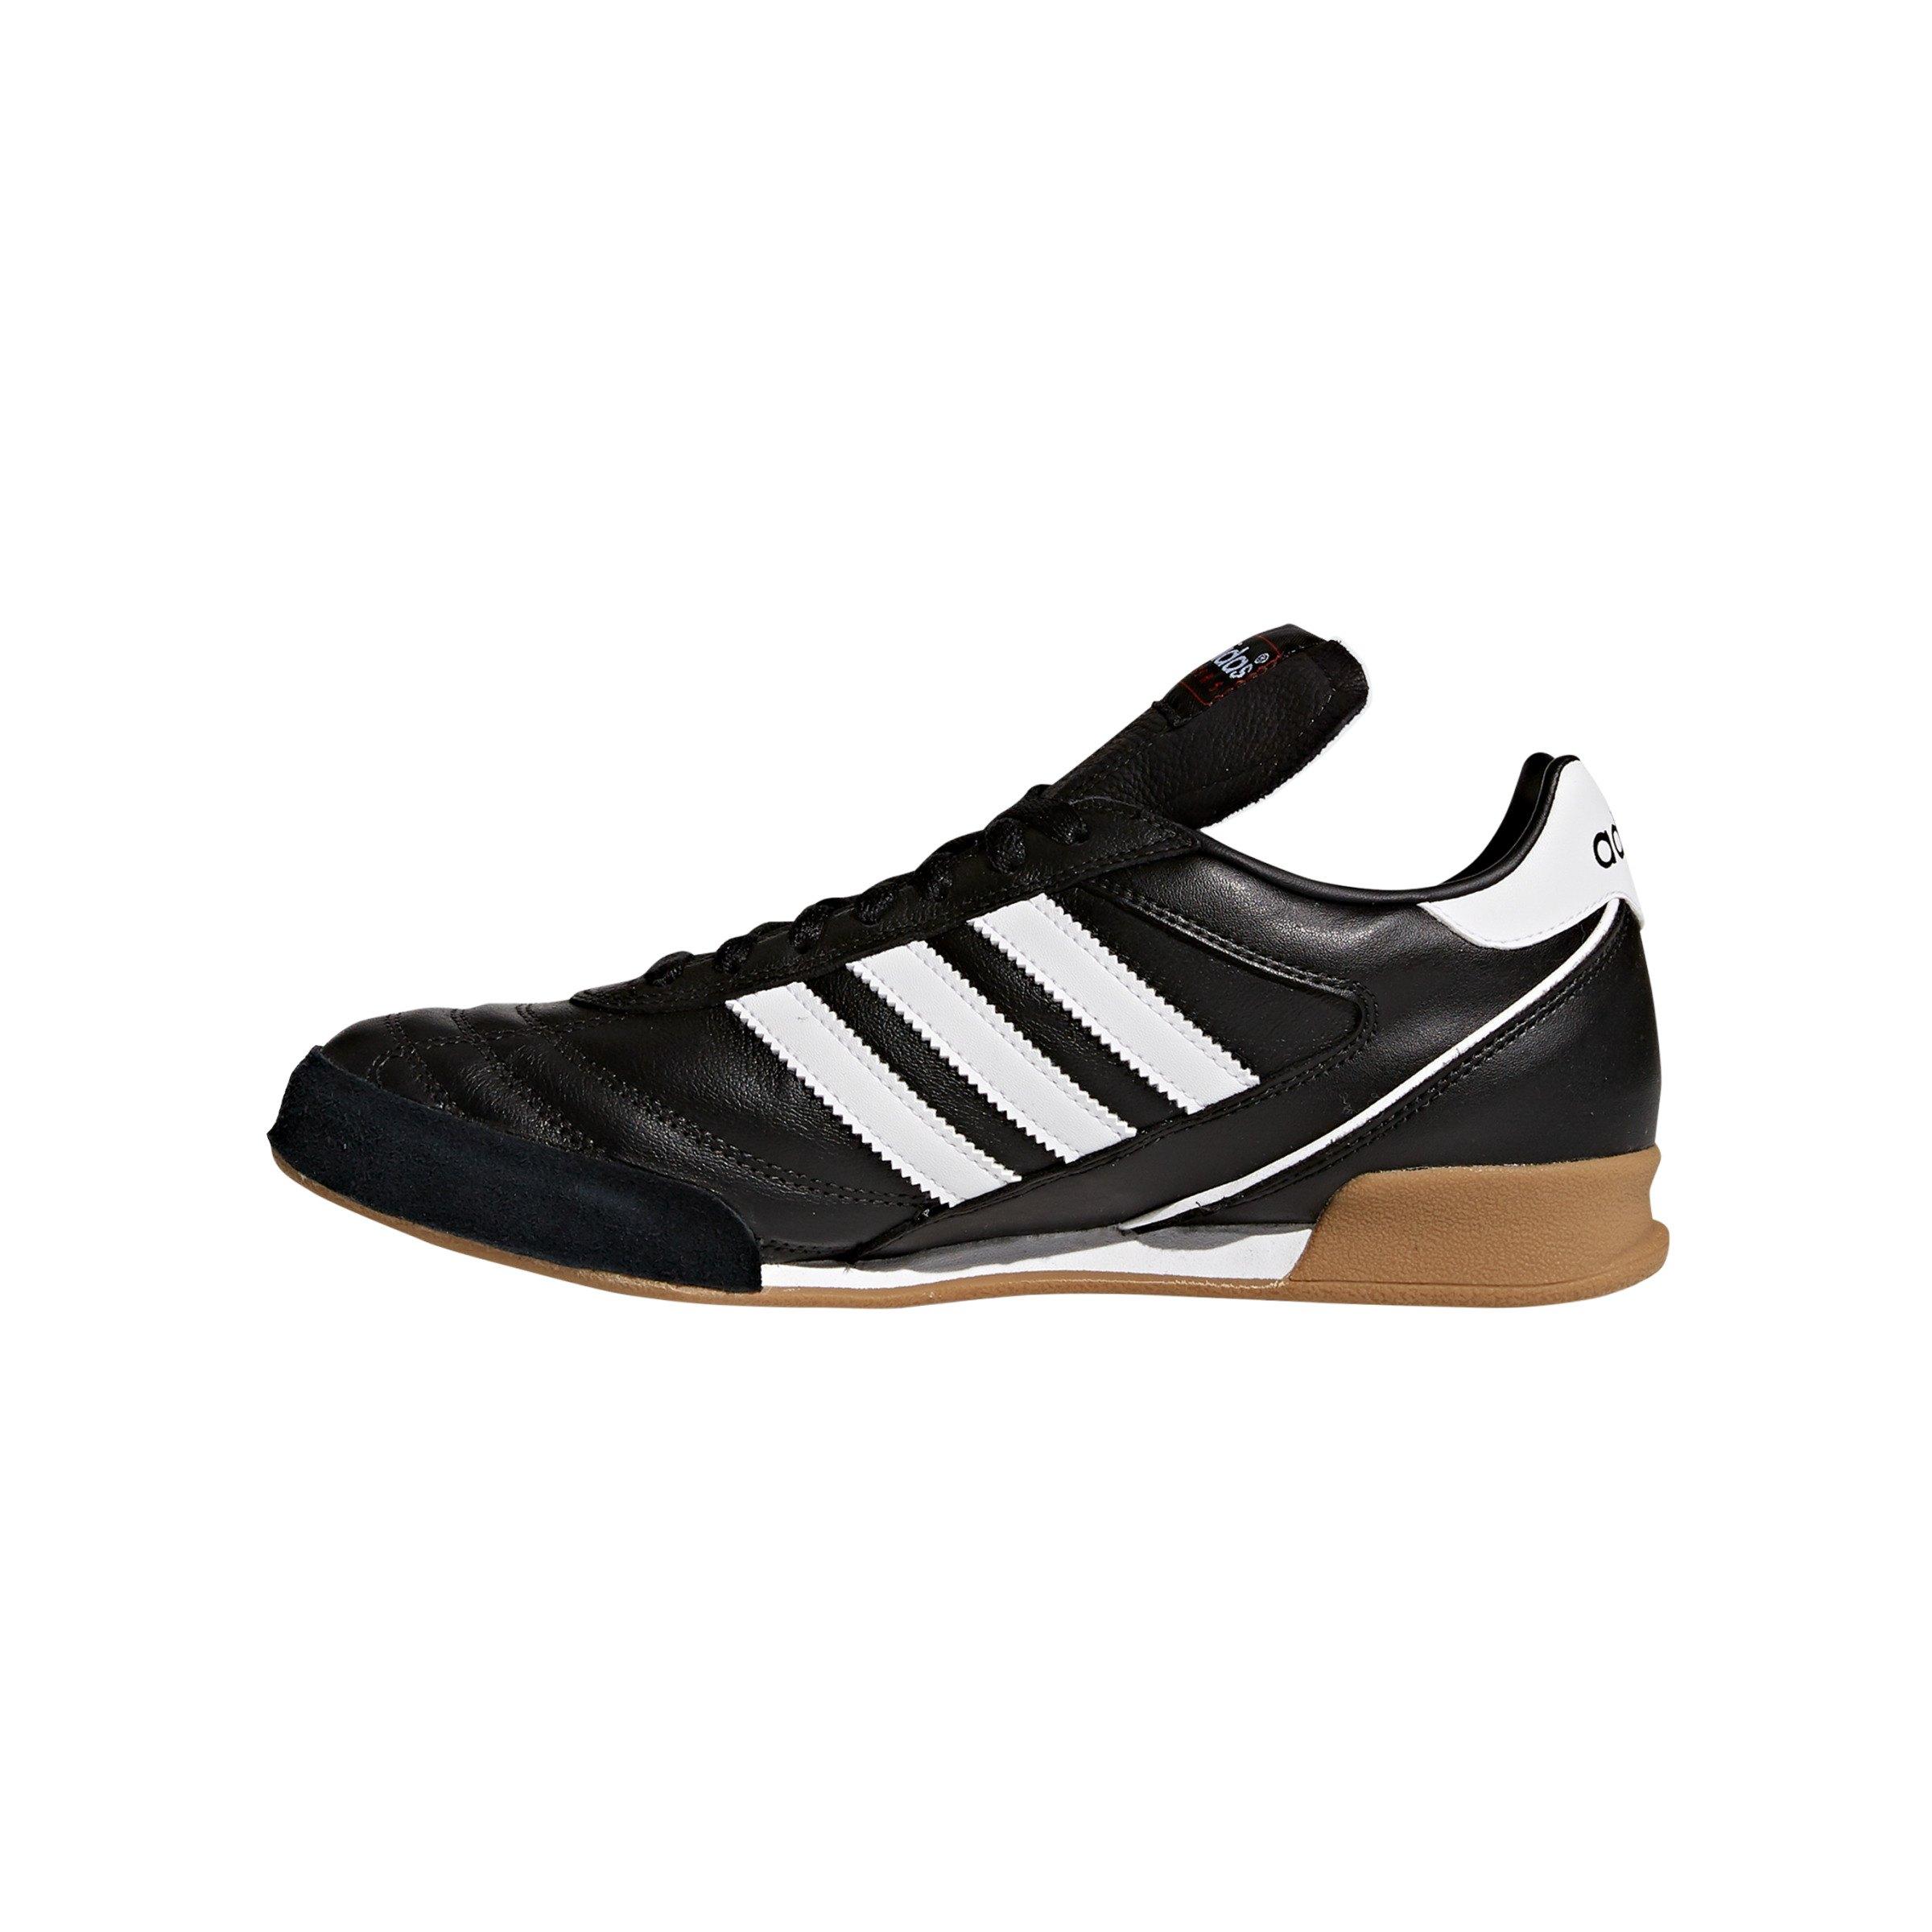 Adidas Kaiser 5 Hallenschuh 42